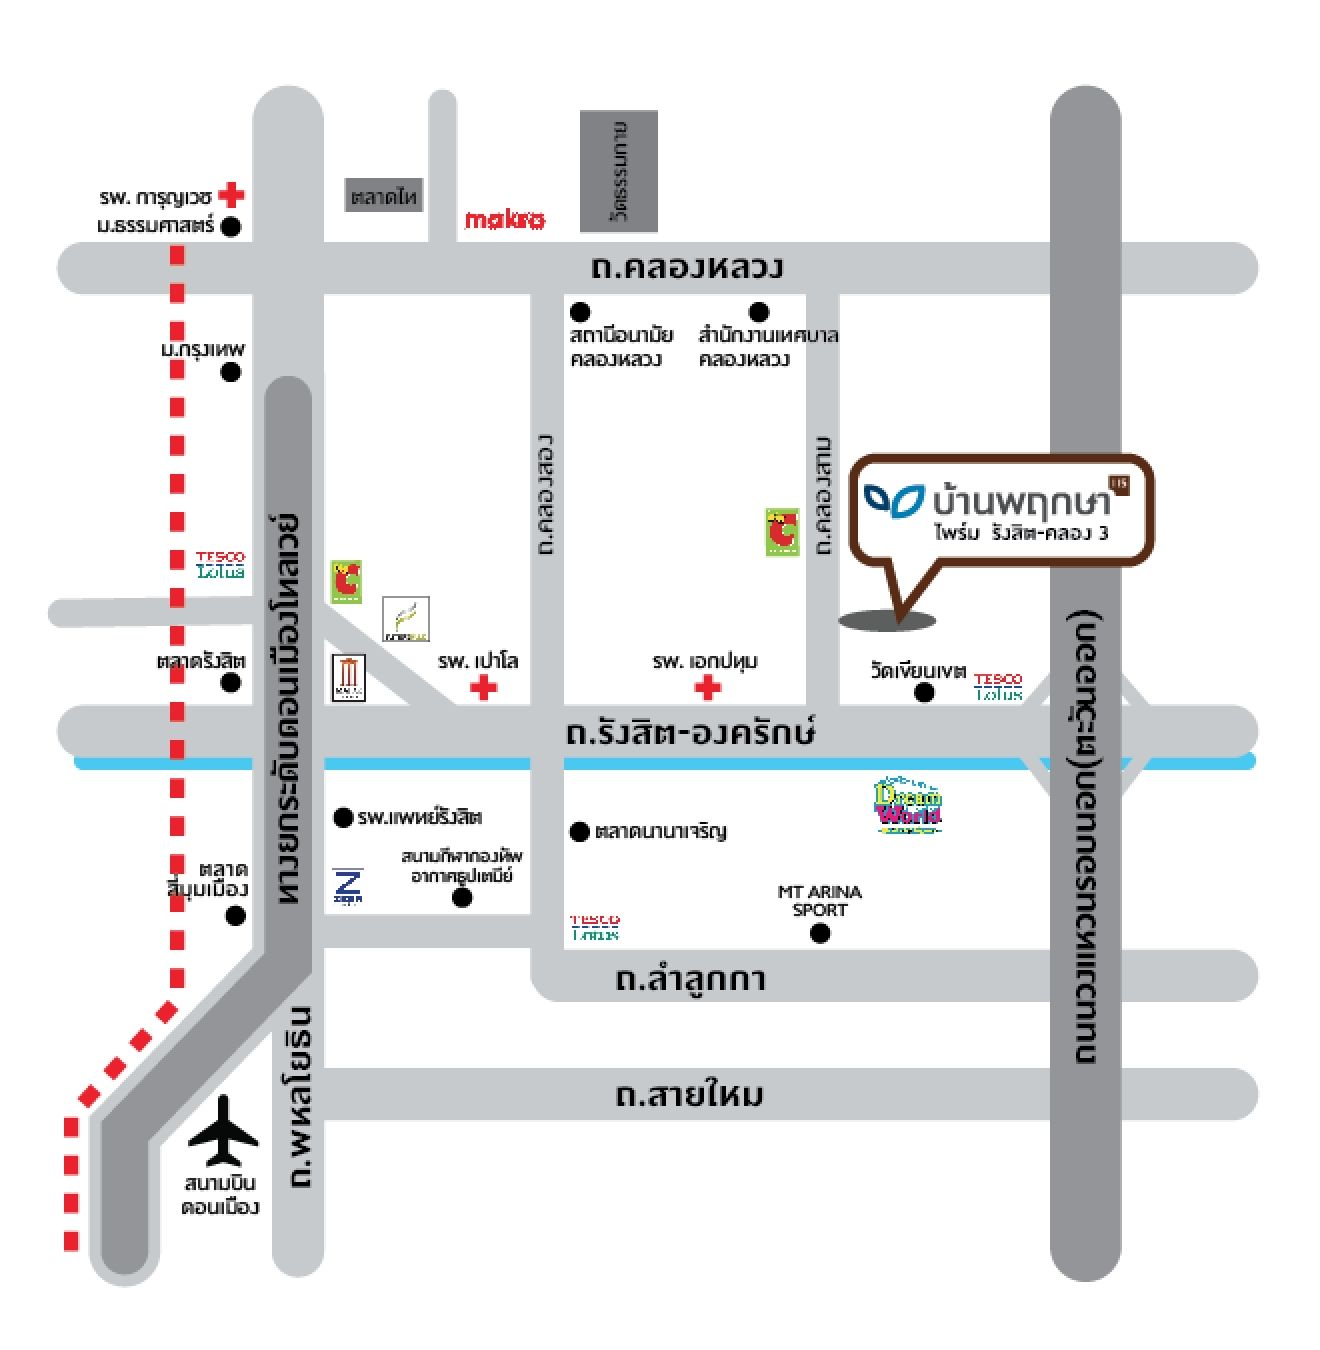 แผนที่ บ้านพฤกษา ไพร์ม รังสิต-คลอง 3